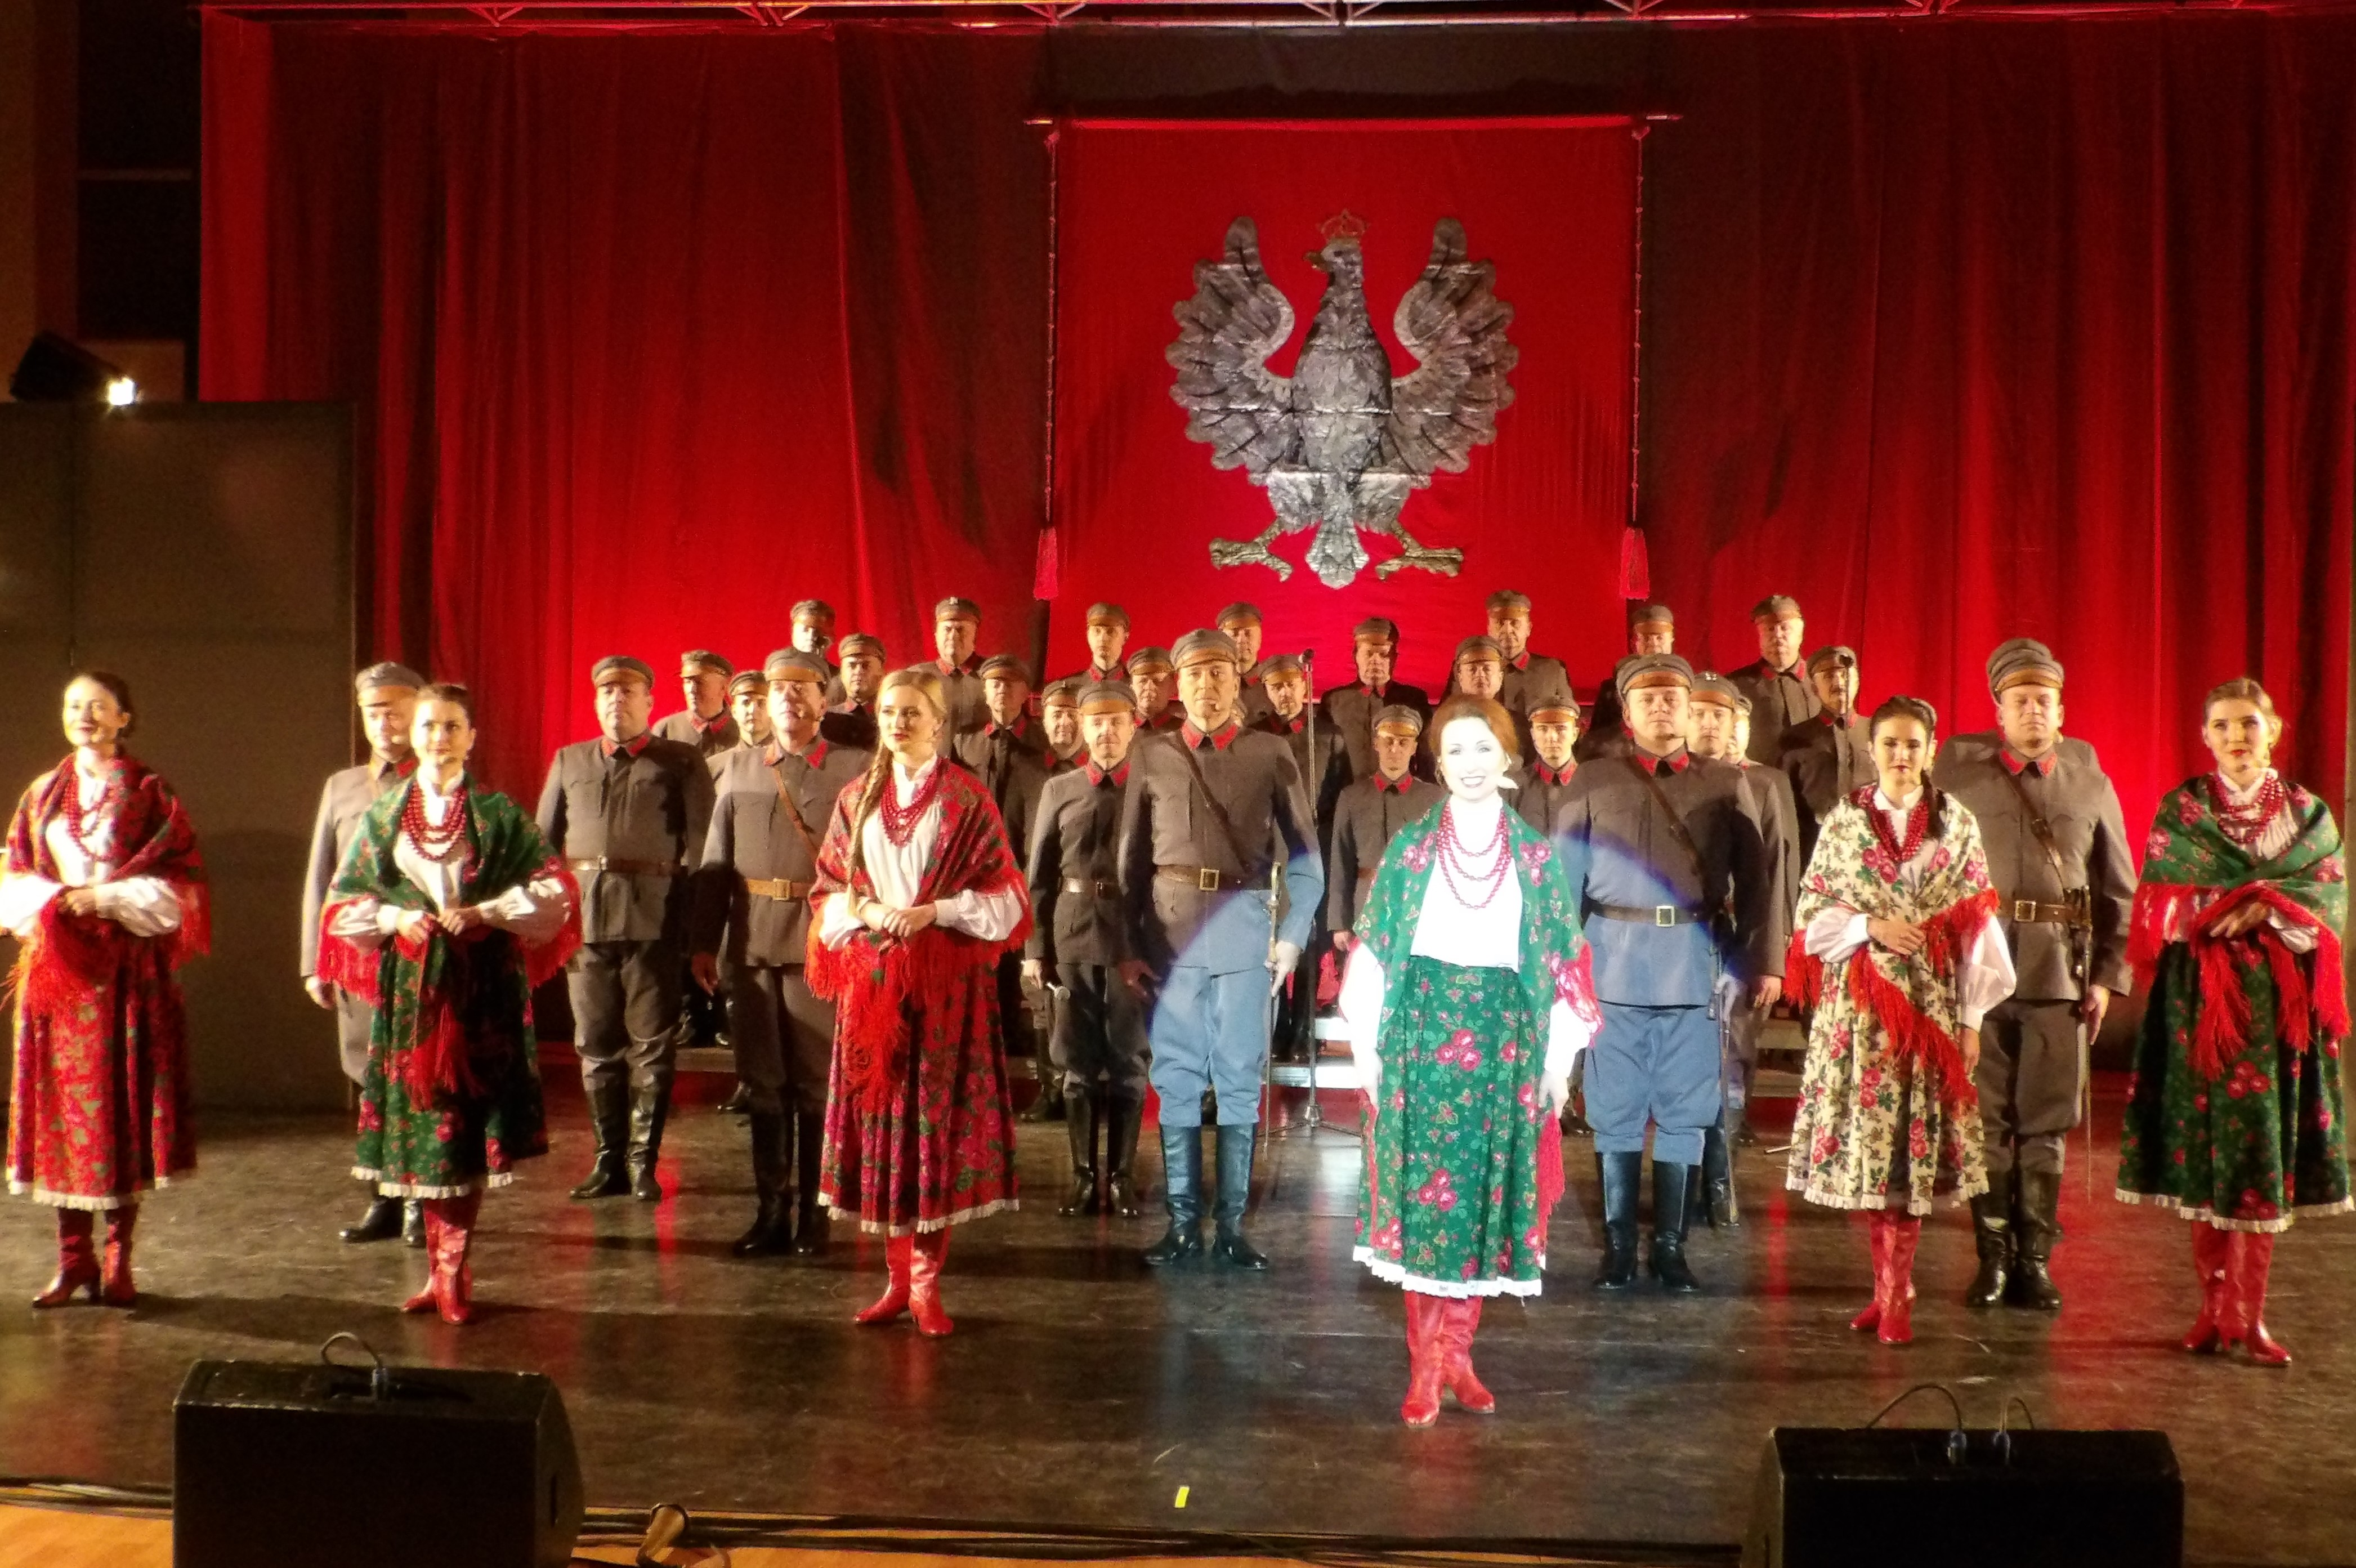 Koncert Reprezentacyjnego Zespołu Artystycznego Wojska Polskiego w Dzierżeninie